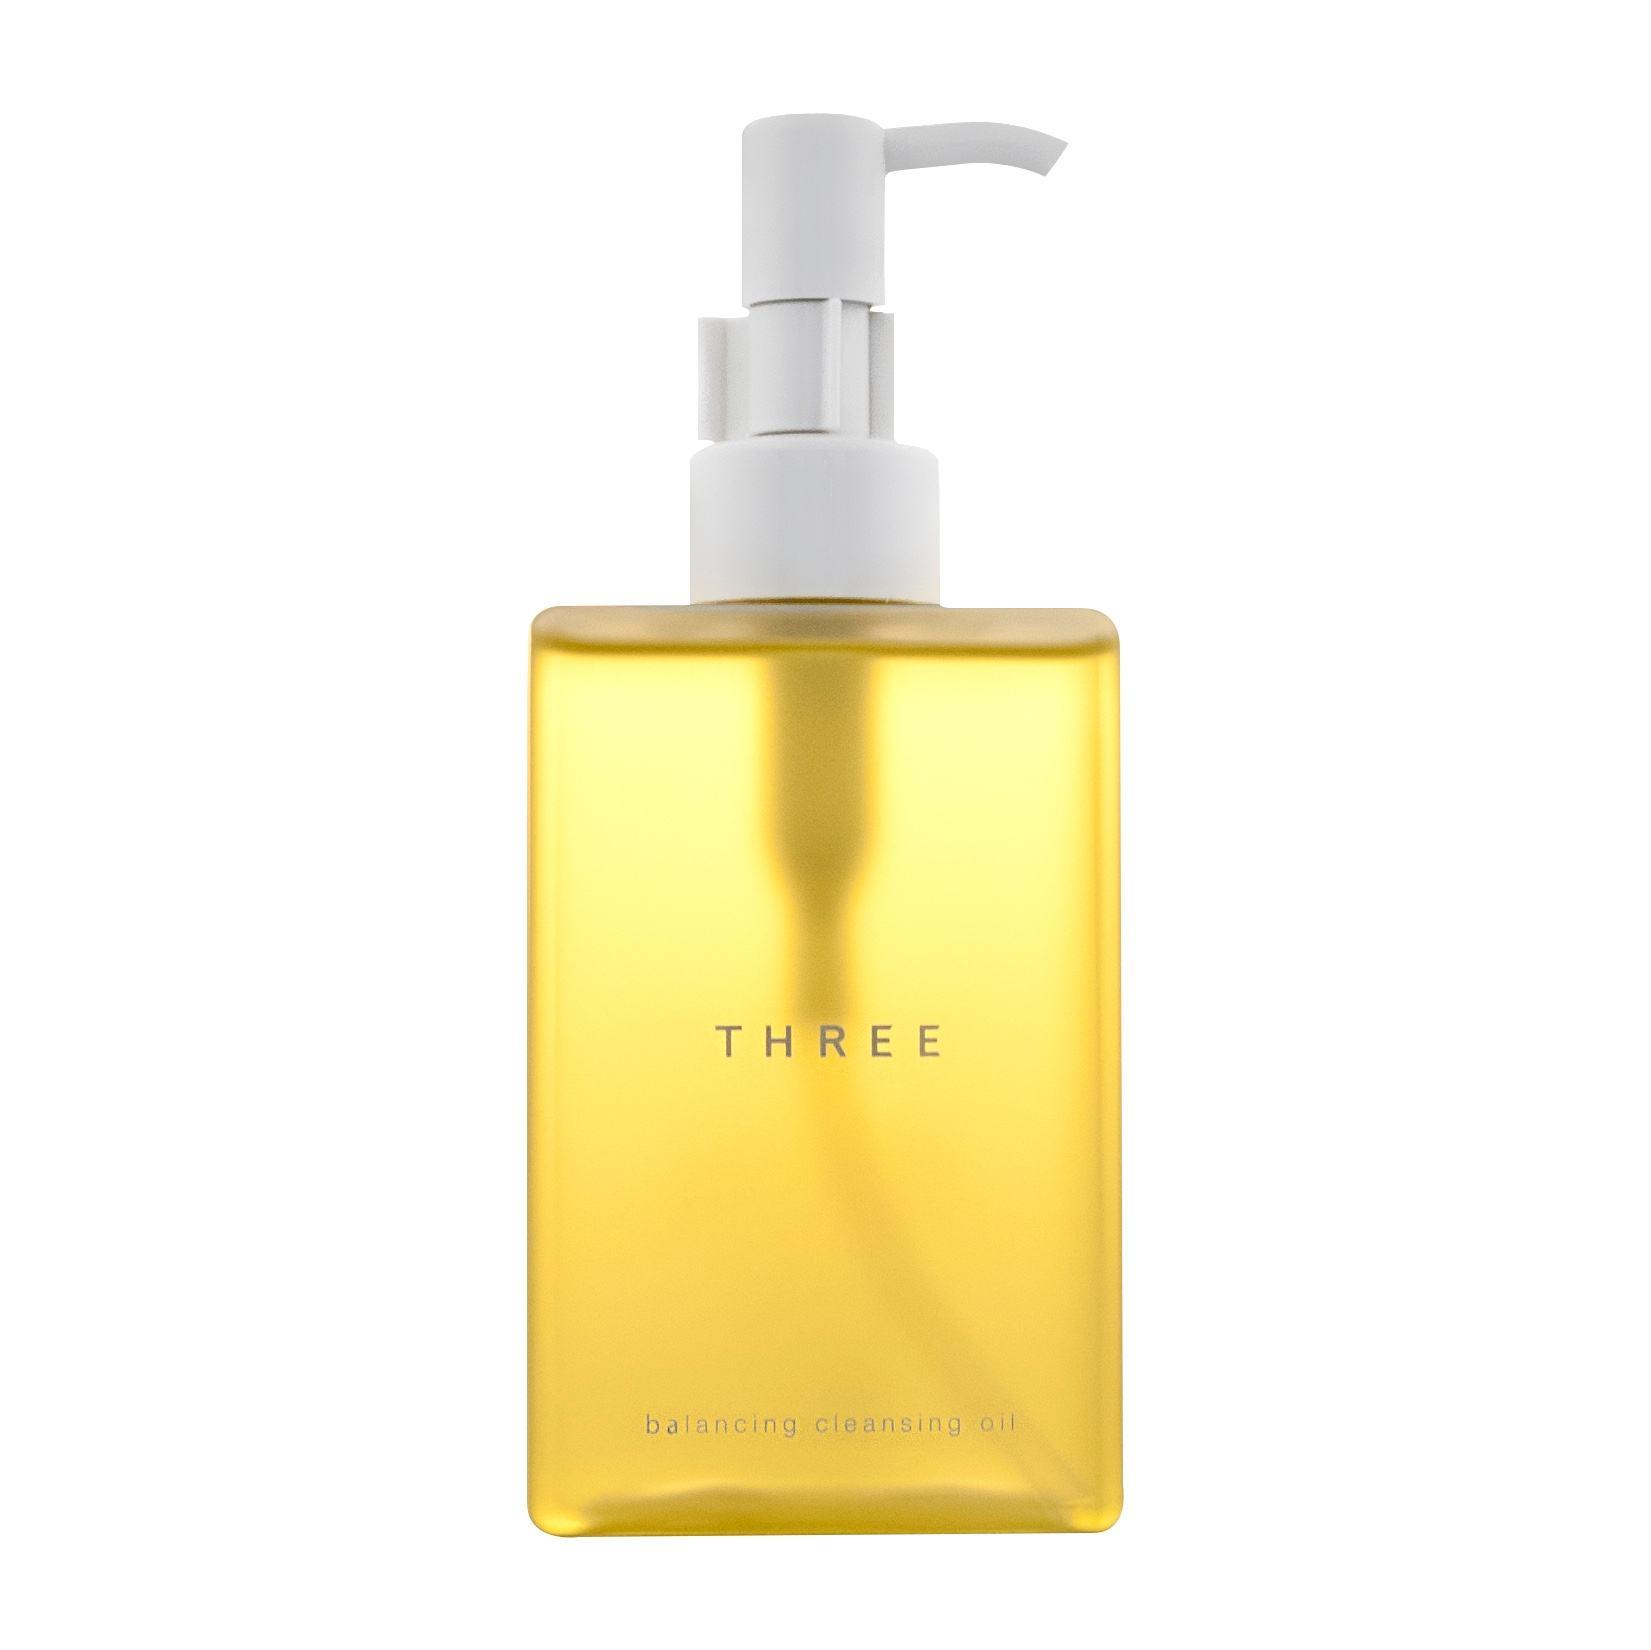 卸妆水和卸妆油的区别